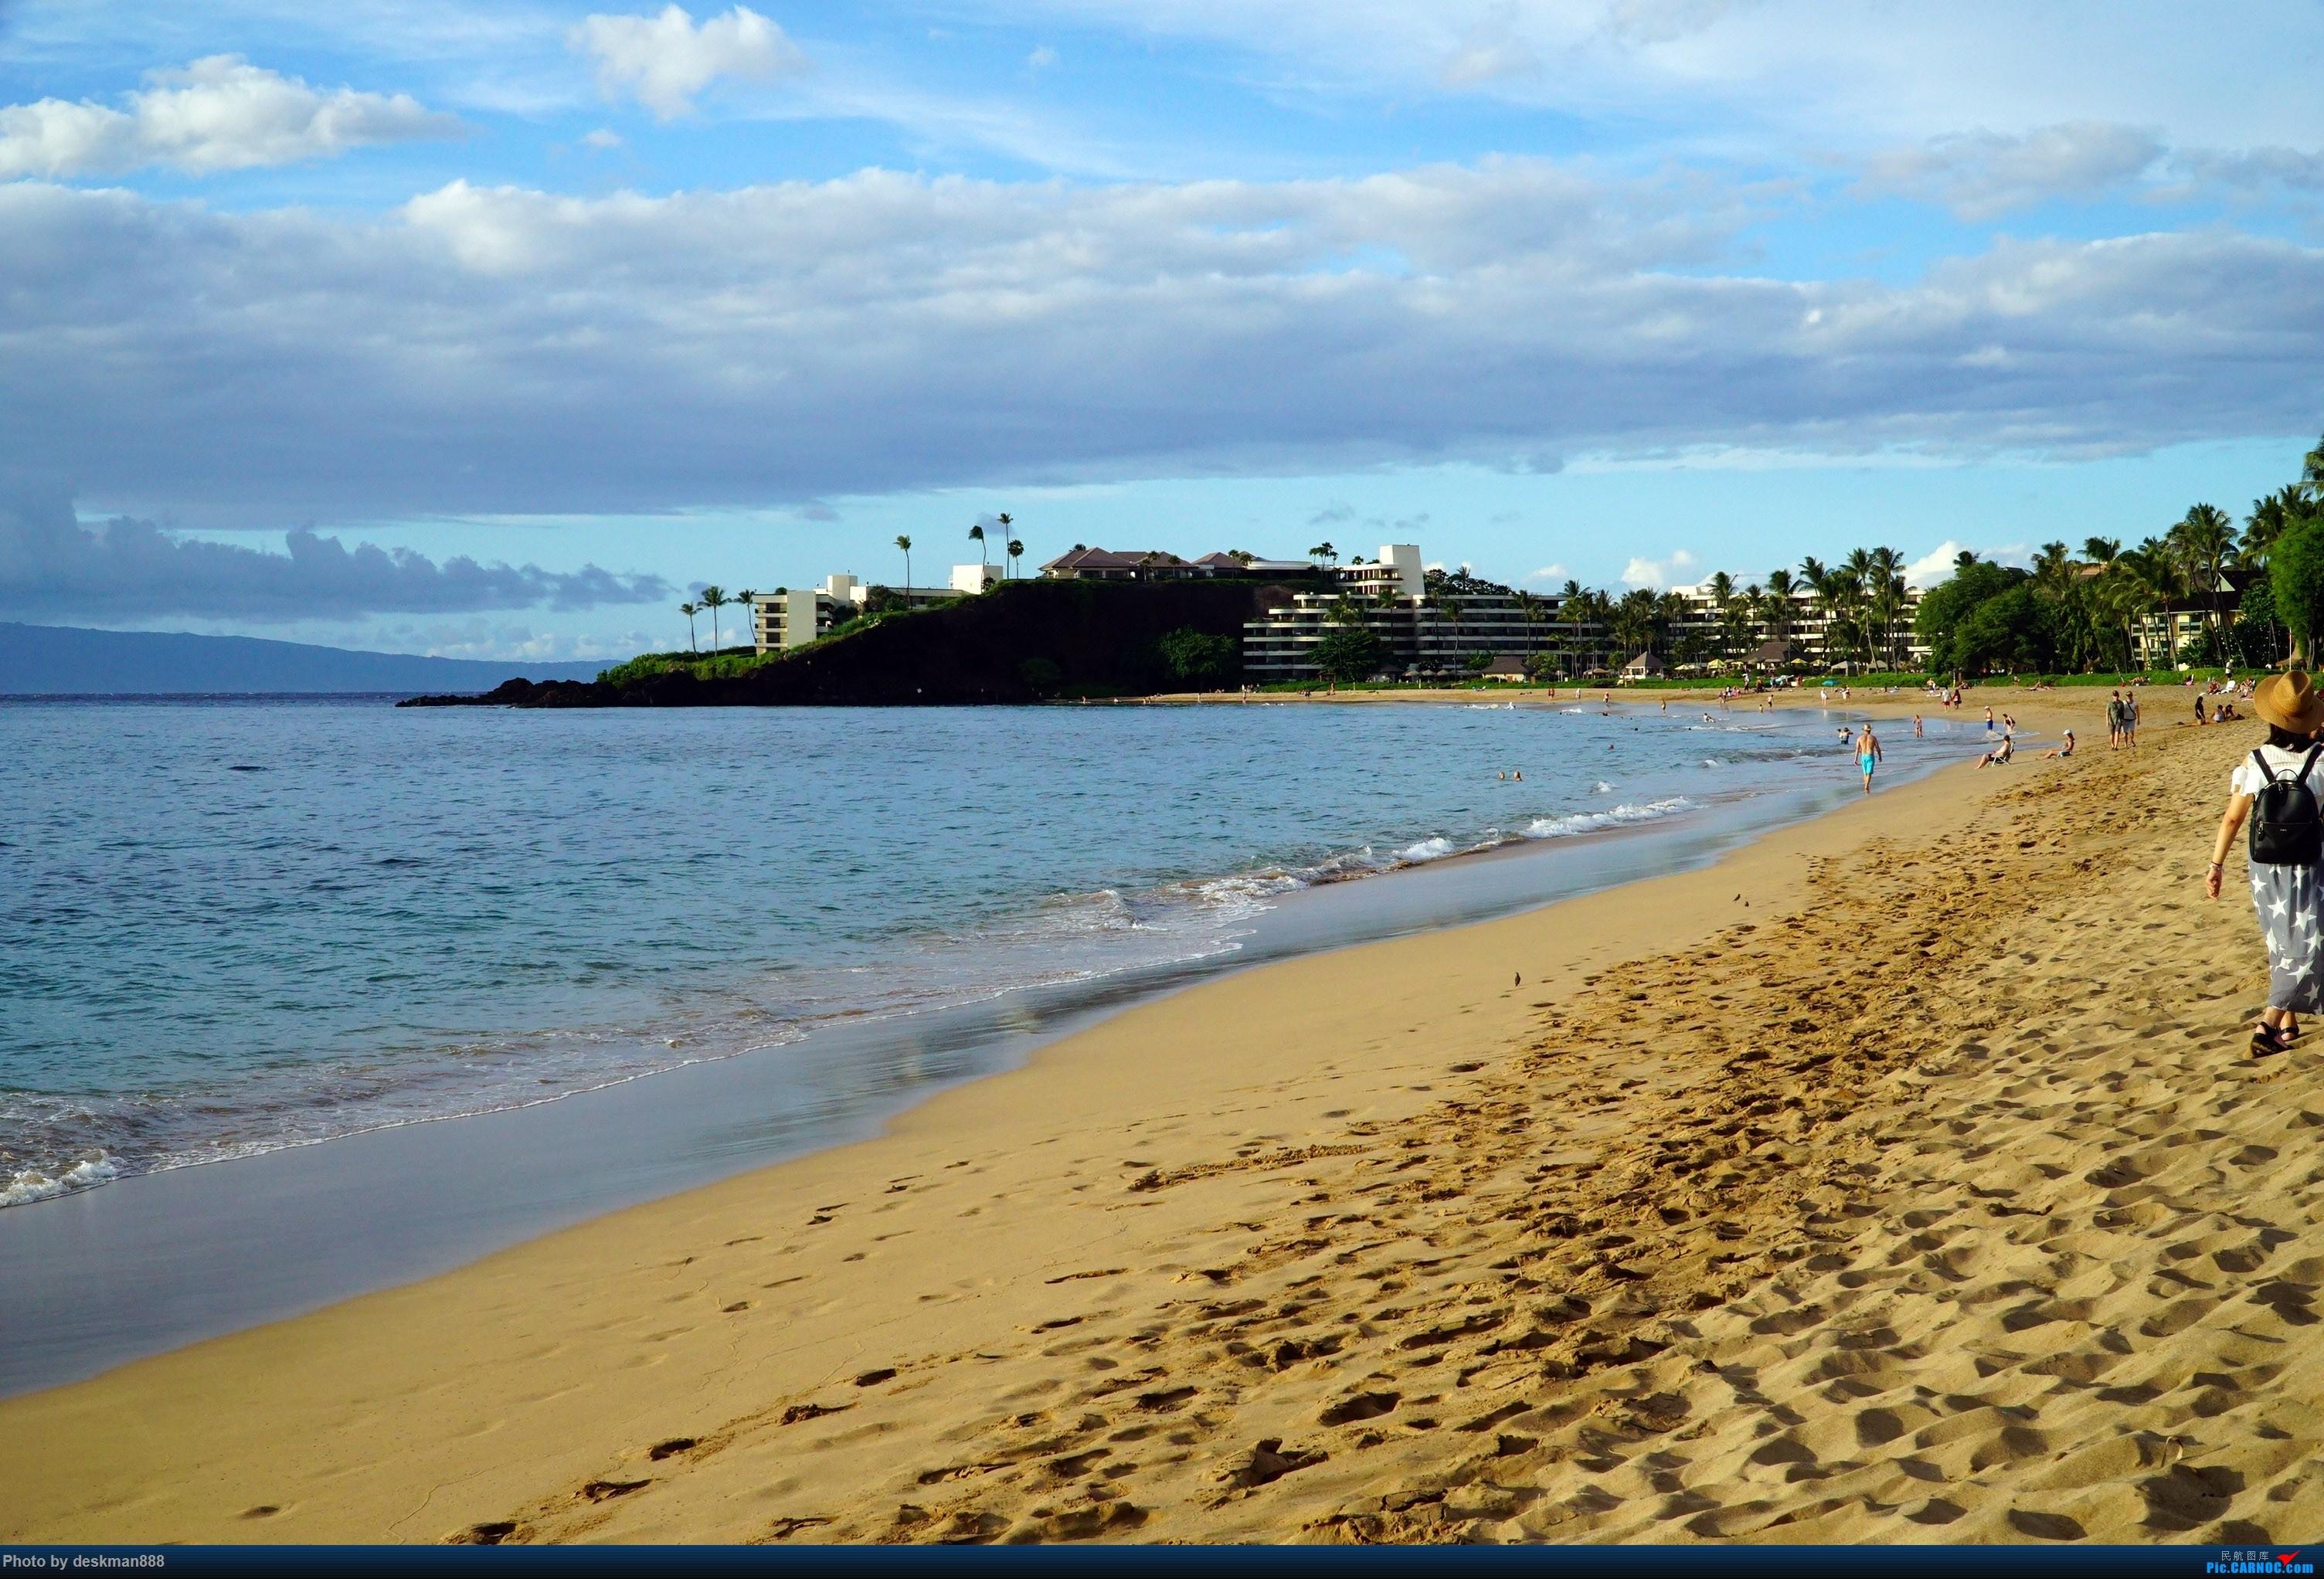 >>[原创]阳光,沙滩,碧海,椰子树——国庆夏威夷之行(上)首次体验